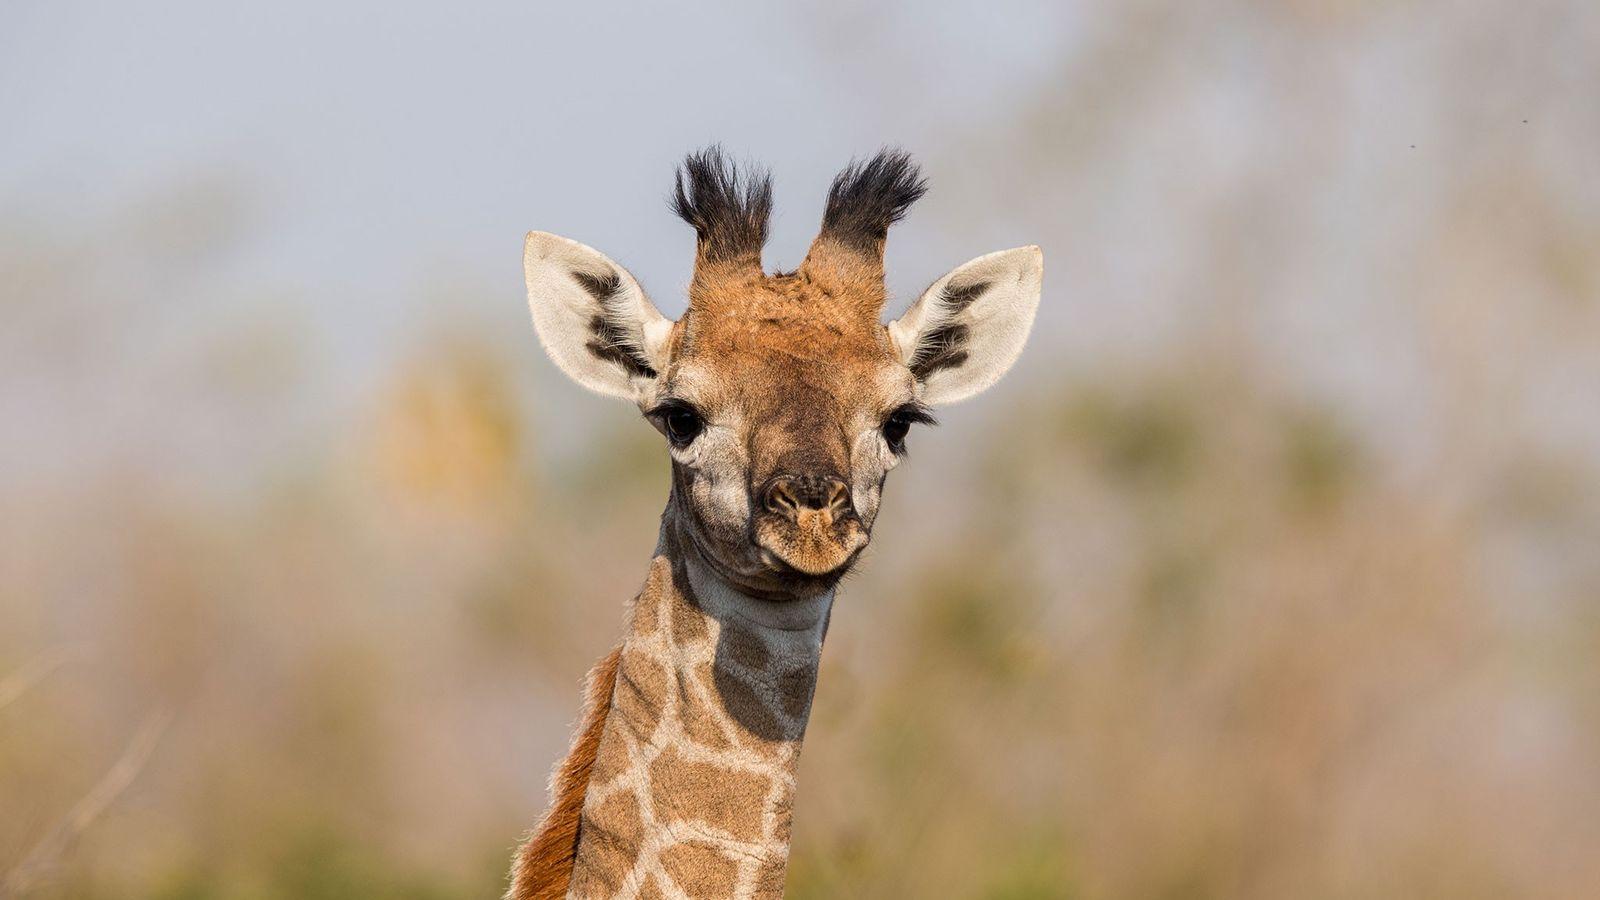 Cientistas fotografaram e estudaram as manchas de girafas-masai silvestres – como esta – no Parque Nacional ...